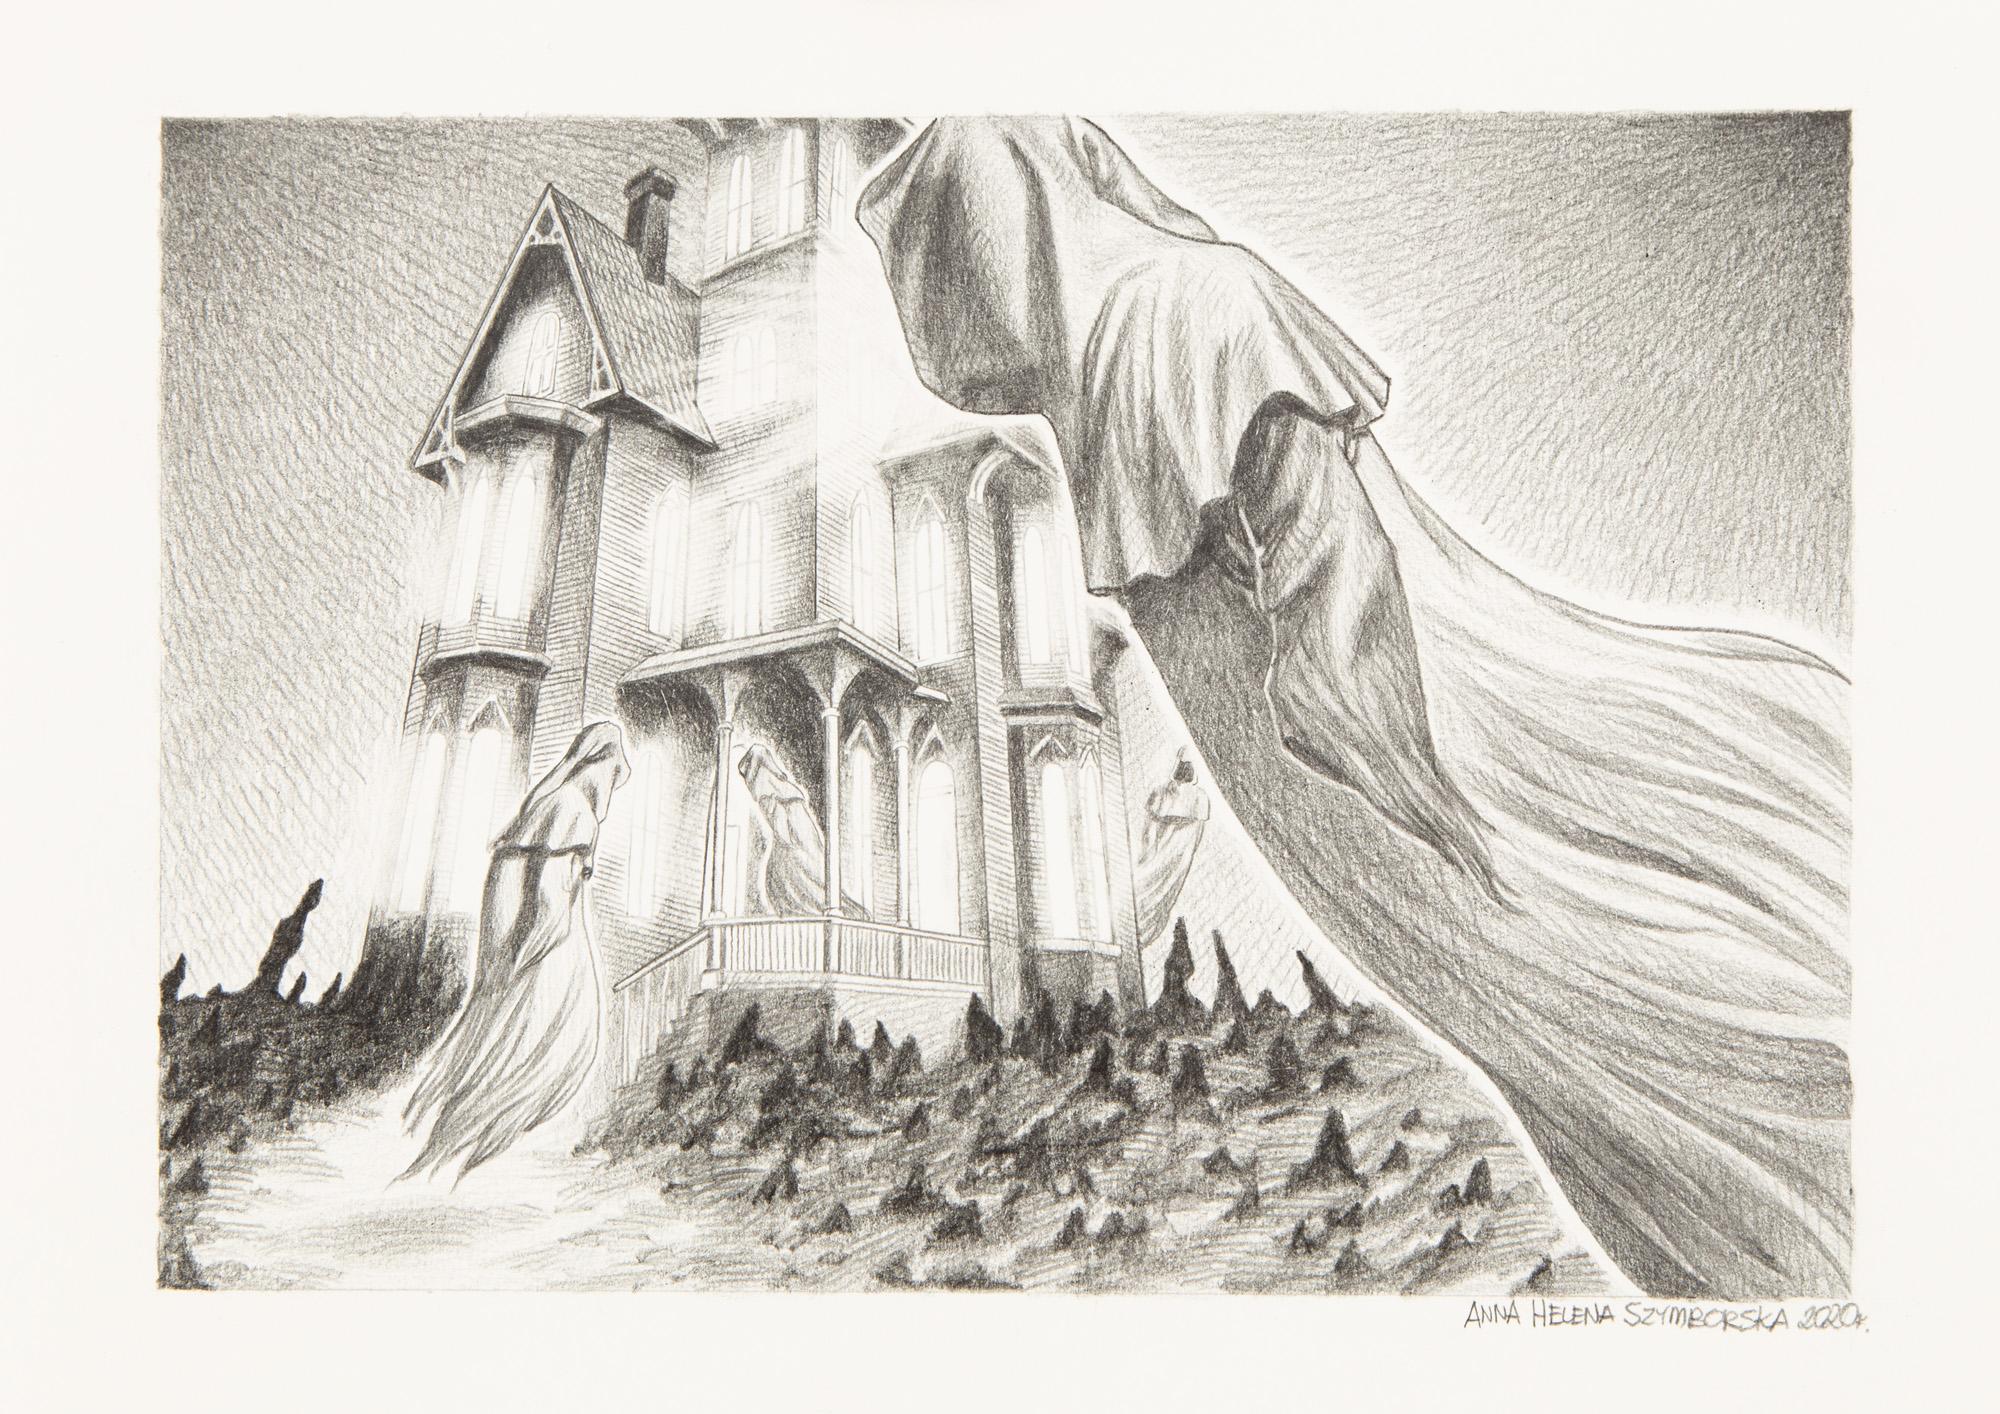 Ilustracja do scenariusza 'House of Silence' wykonana dla Cthulhu Reborn, 2020